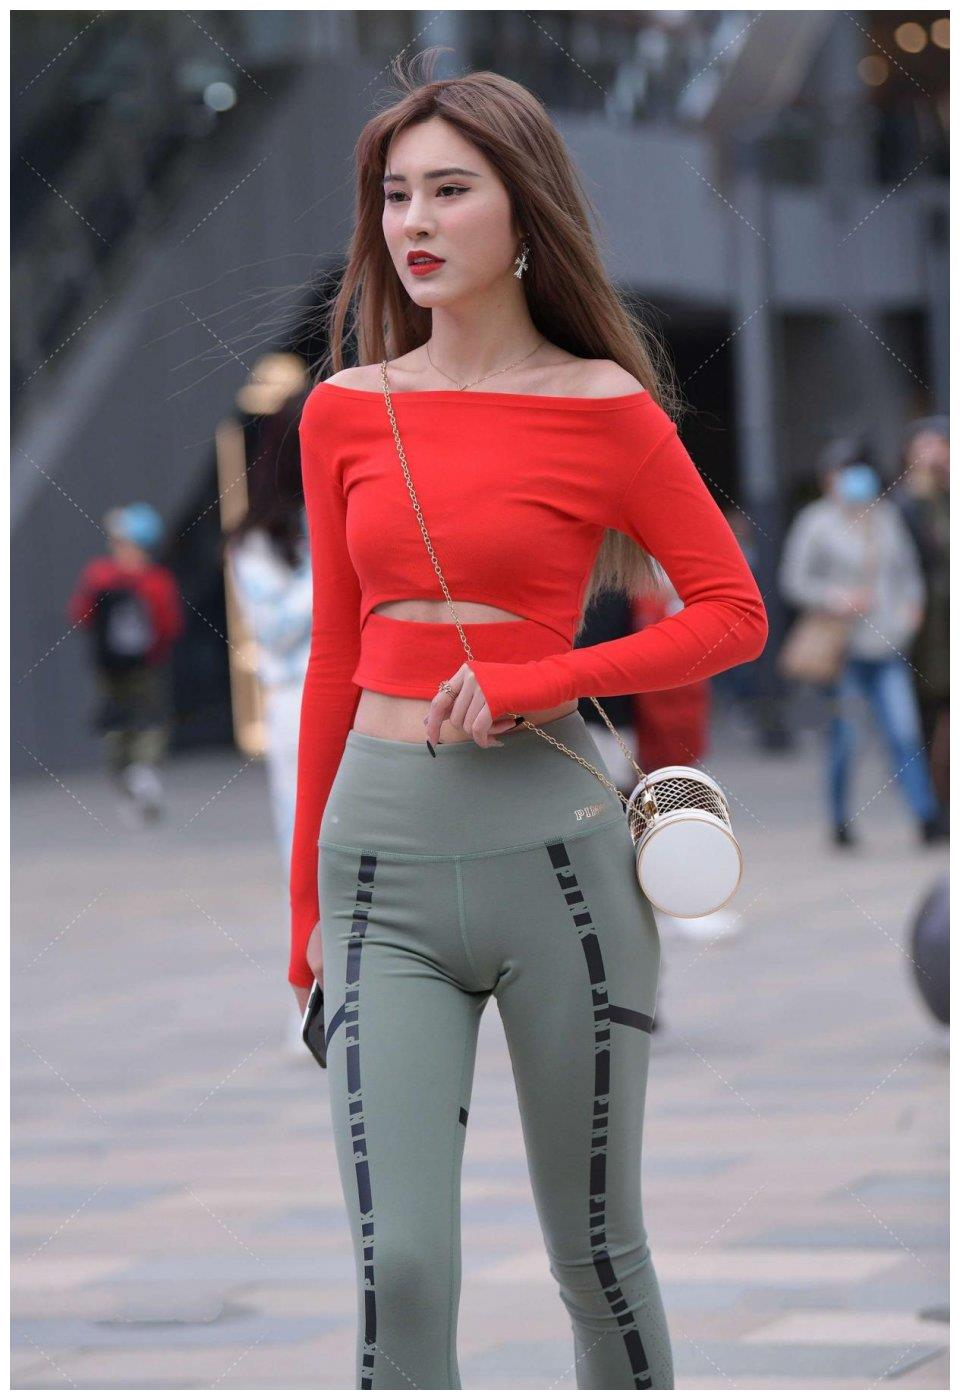 橘红色和灰绿色是非常显白的颜色,在穿搭的时候自然会轻松一些